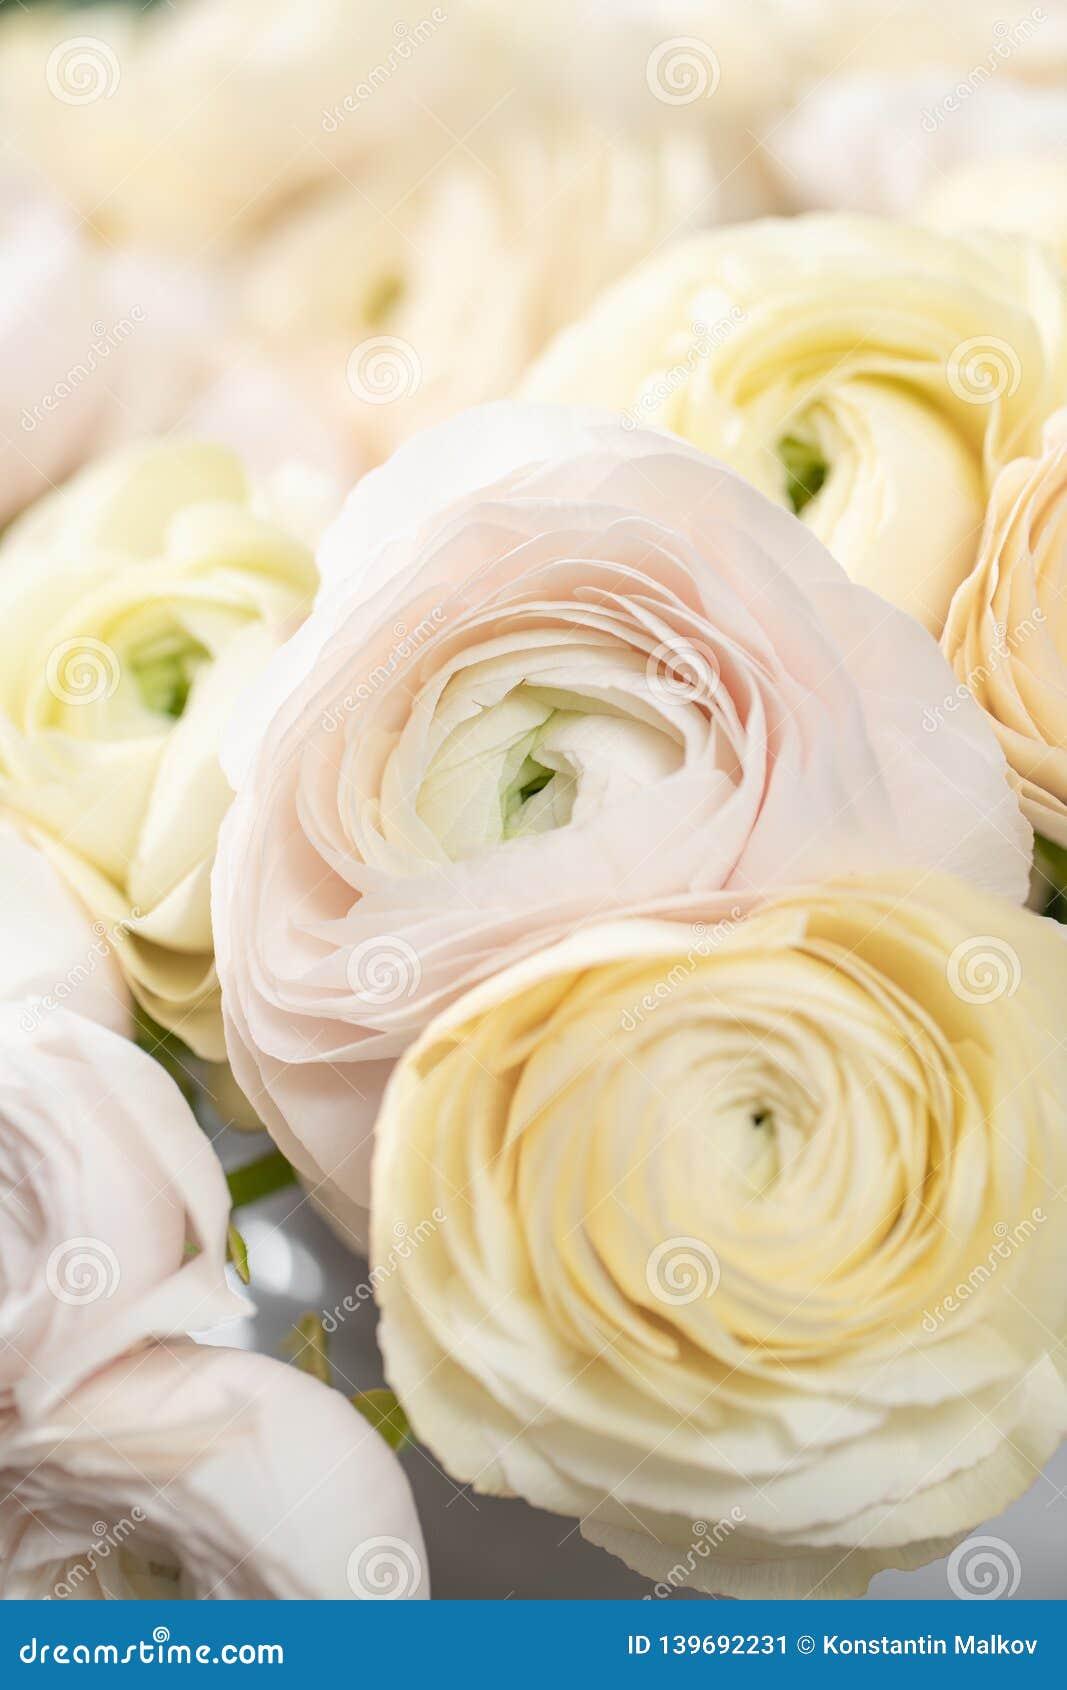 Persisk buttercup Blek grupp - rosa och pastellfärgade gula ranunculusblommor i exponeringsglasvas Vertikal tapet